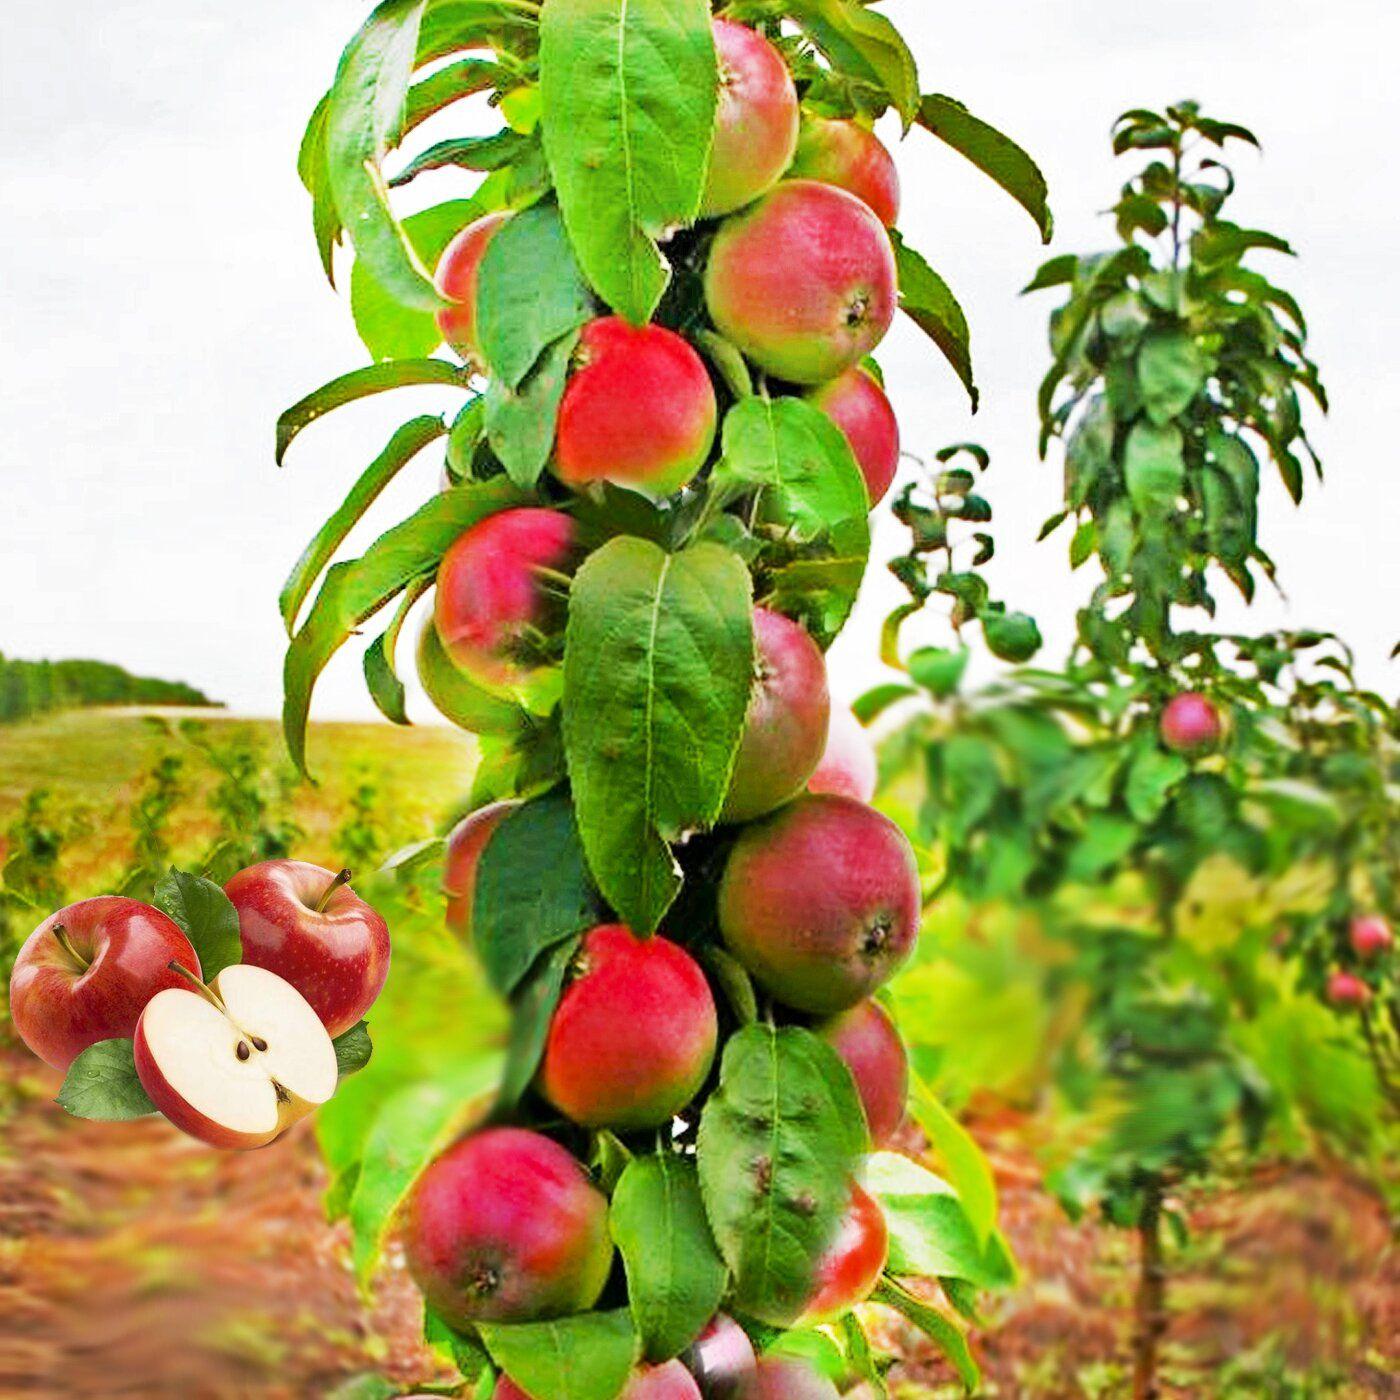 Описание сорта яблони джонатан: фото яблок, важные характеристики, урожайность с дерева